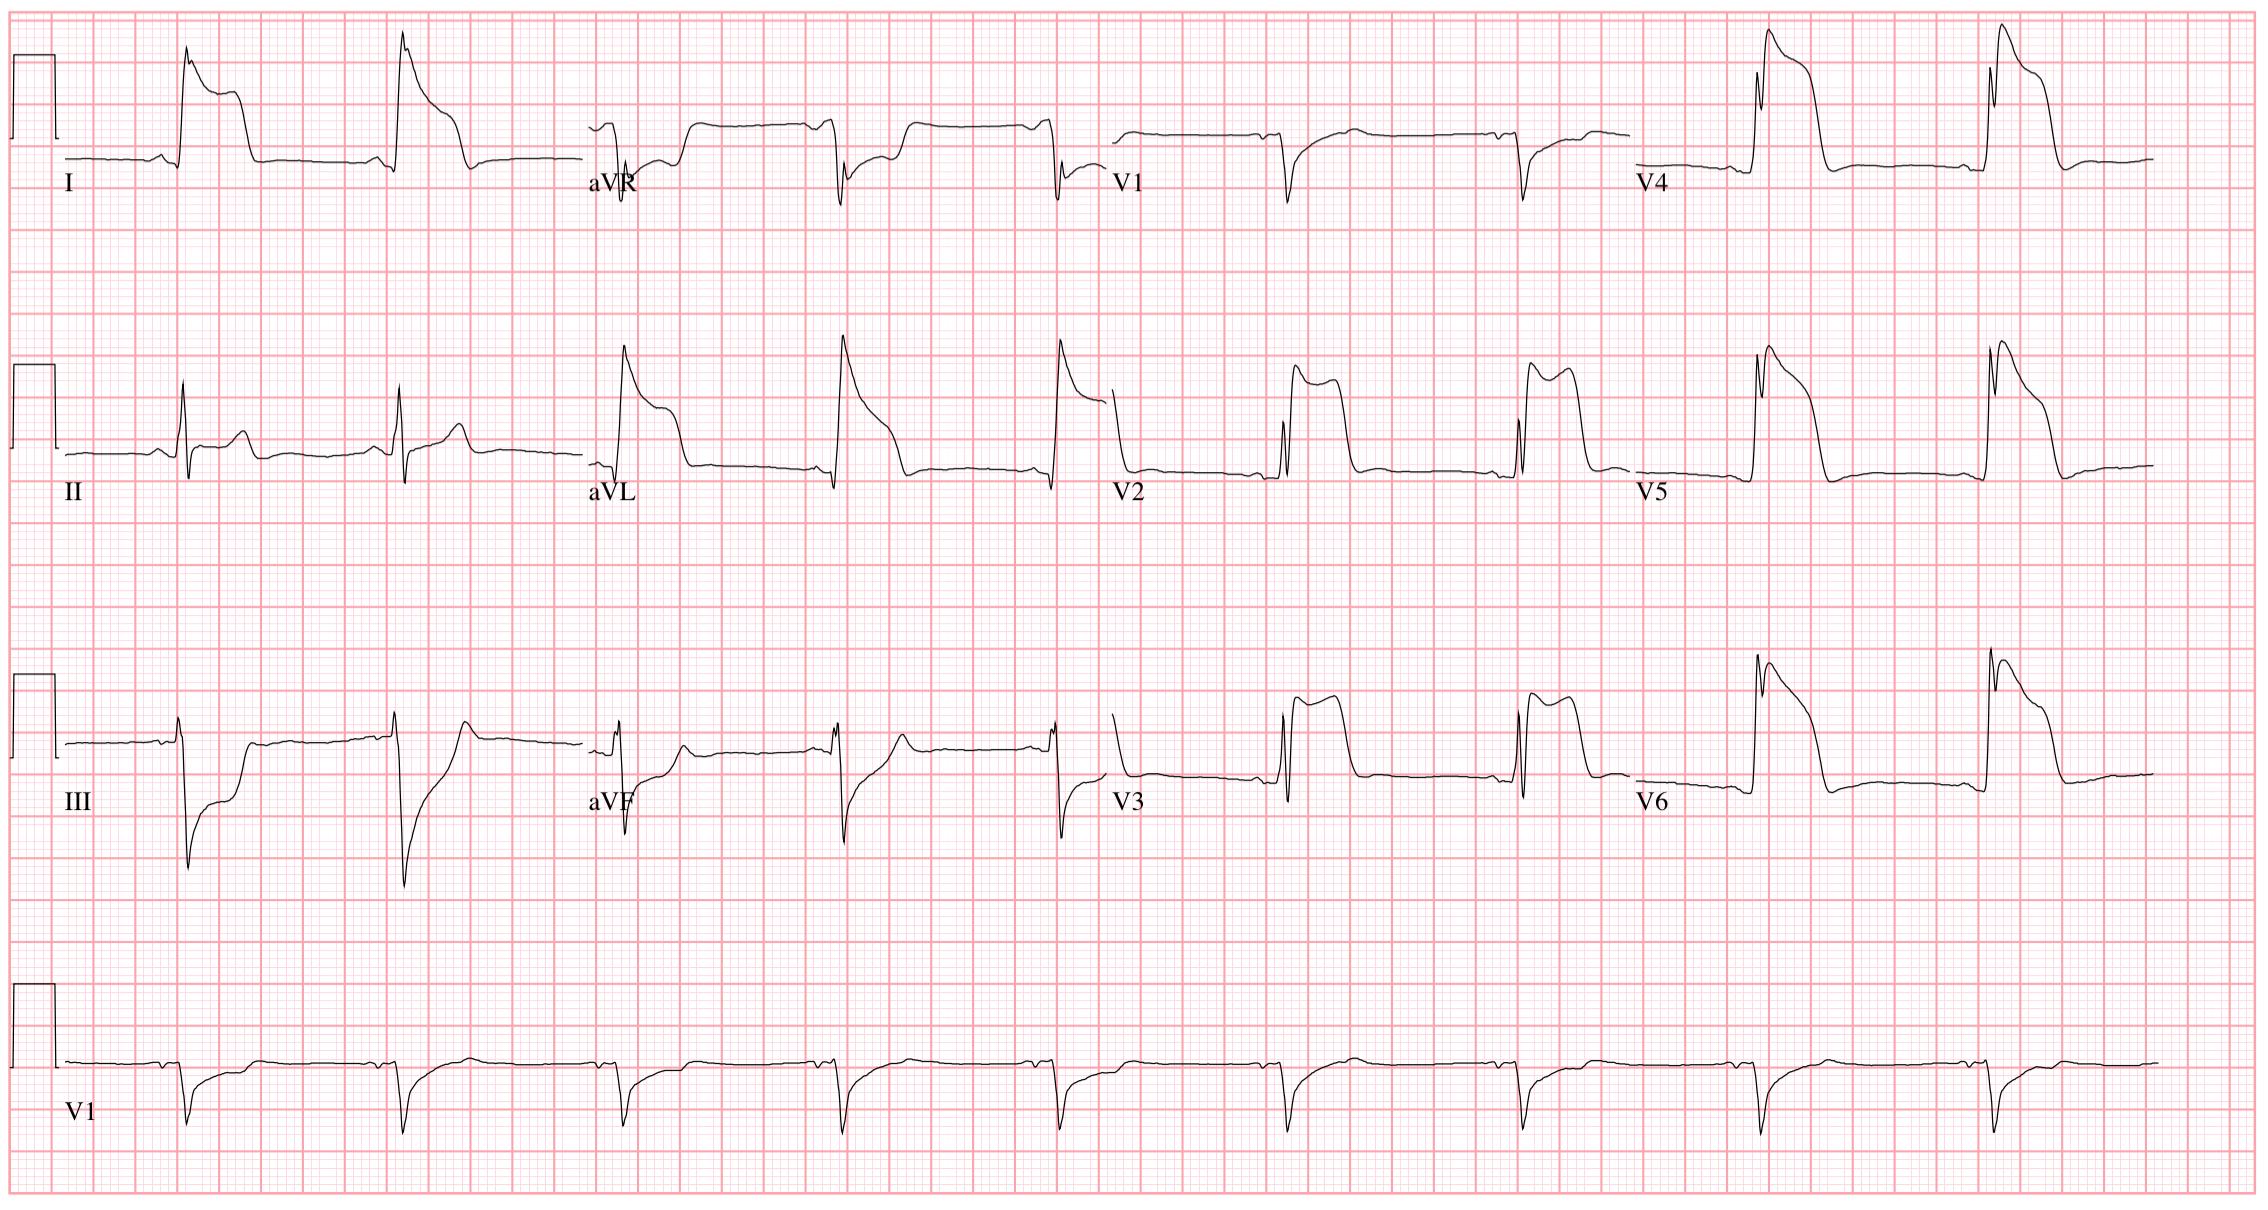 EKG a magas vérnyomás következtetésére testedzés magas vérnyomás esetén